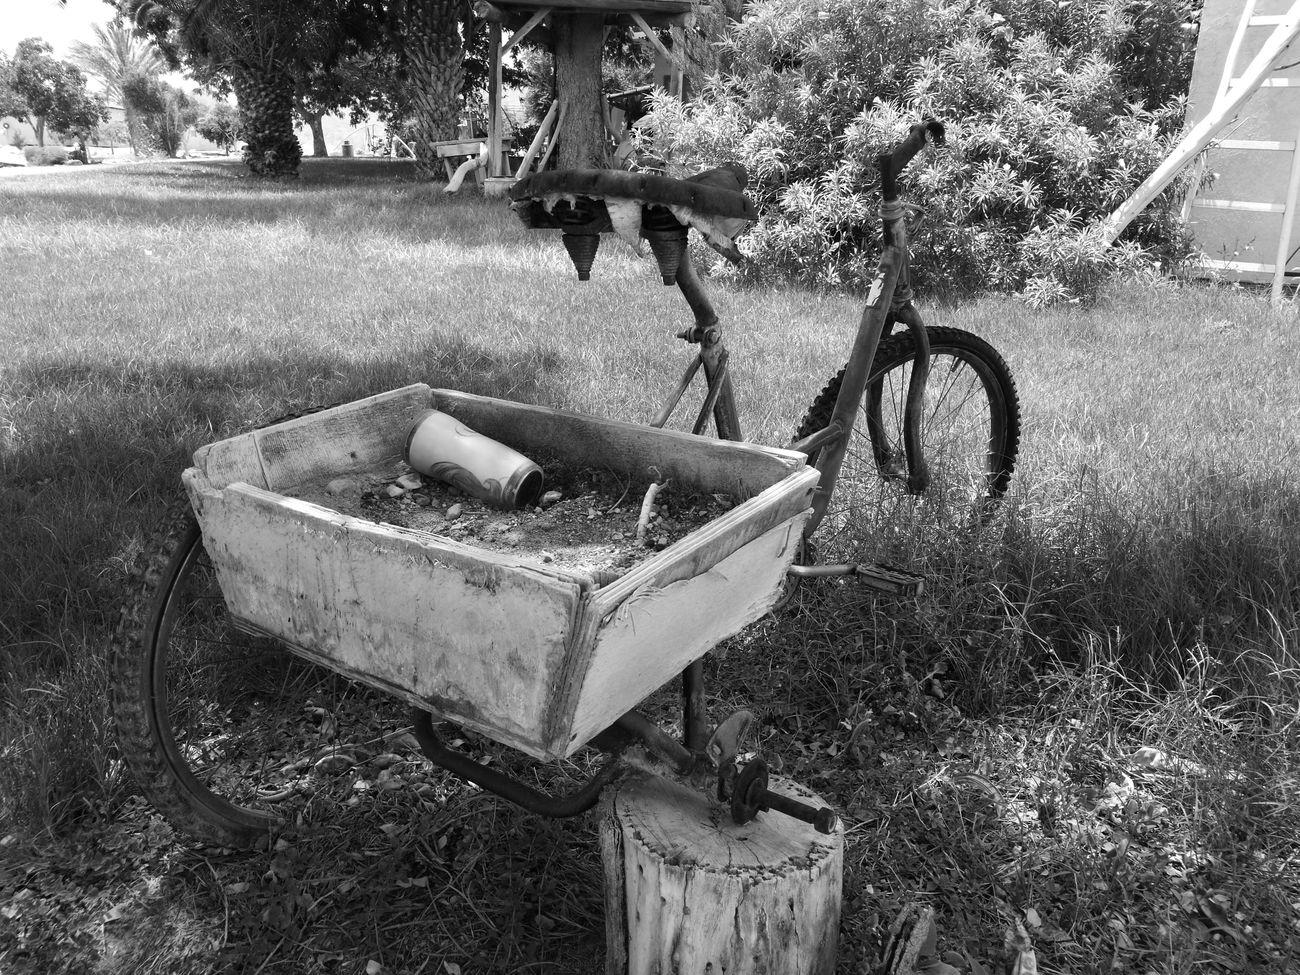 An old bike. Oo Mobilephotography Leica HuaweiP9 Blackandwhite Bike